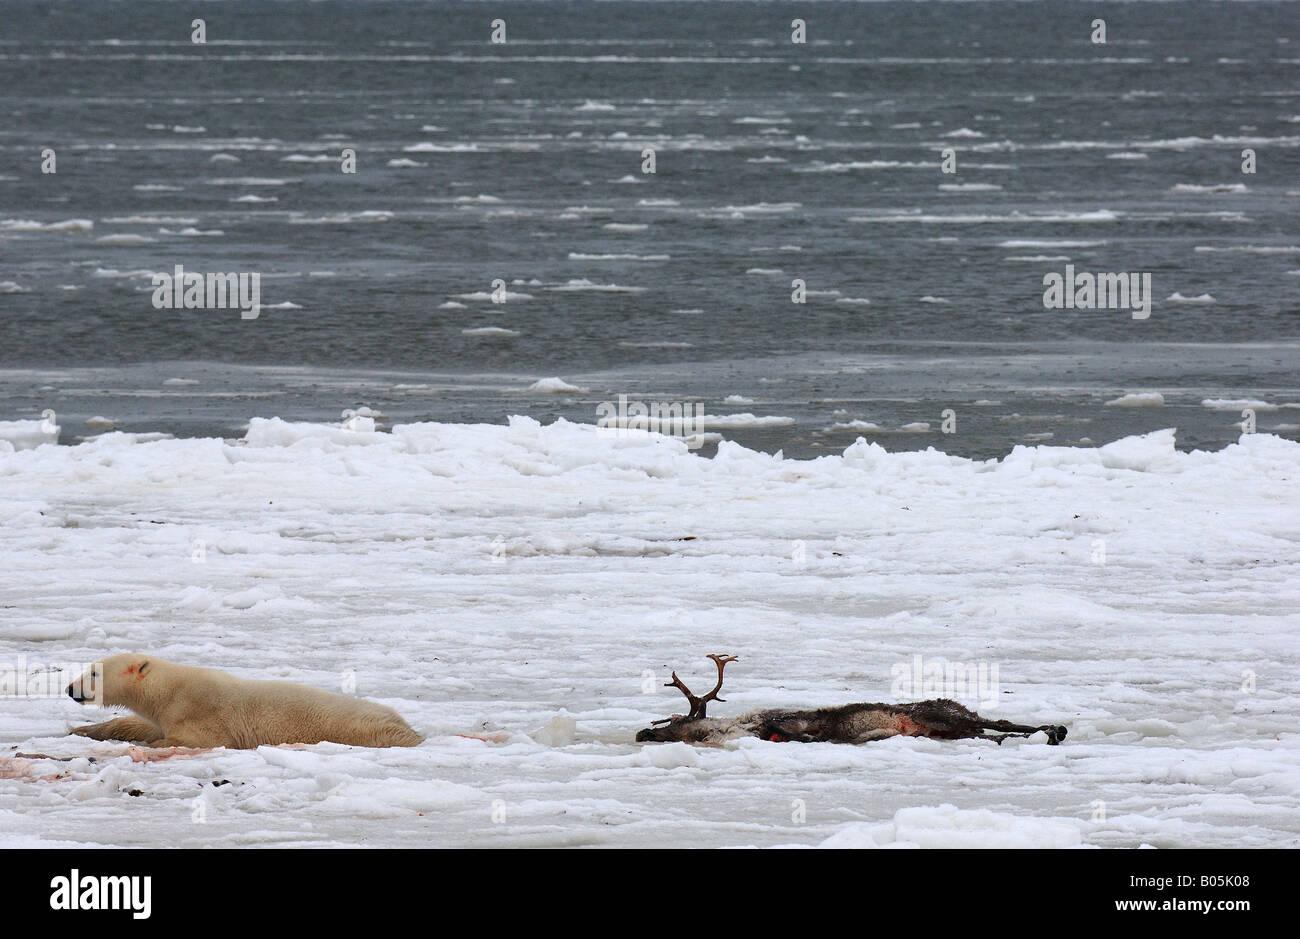 Manitoba Hudson bay unique photos of male polar bear feeding on a caribou carcass Stock Photo